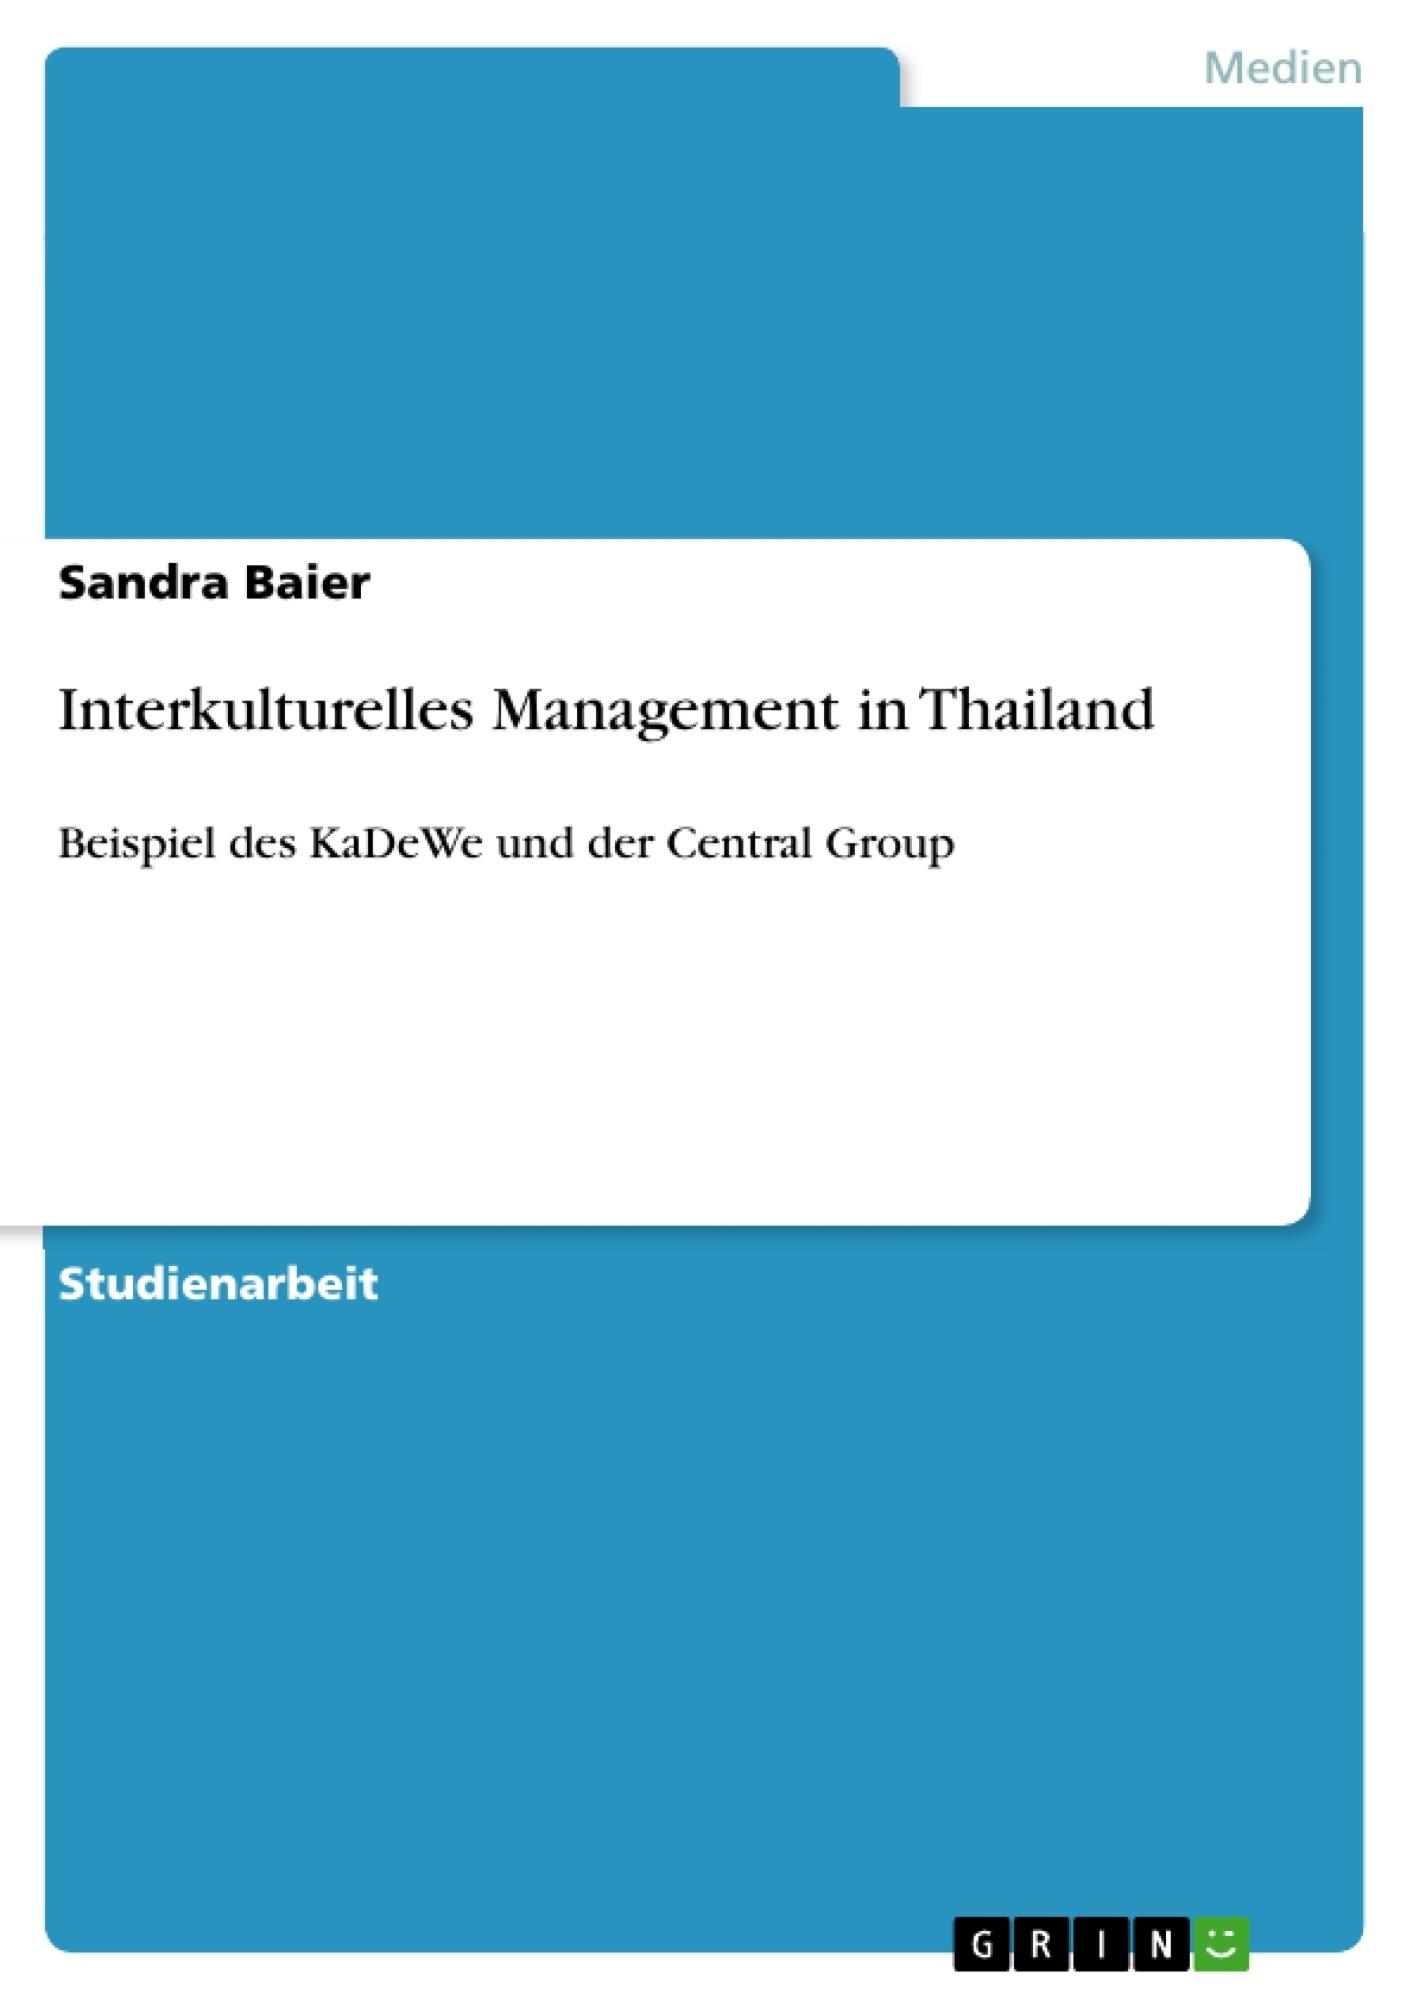 Titel: Interkulturelles Management in Thailand